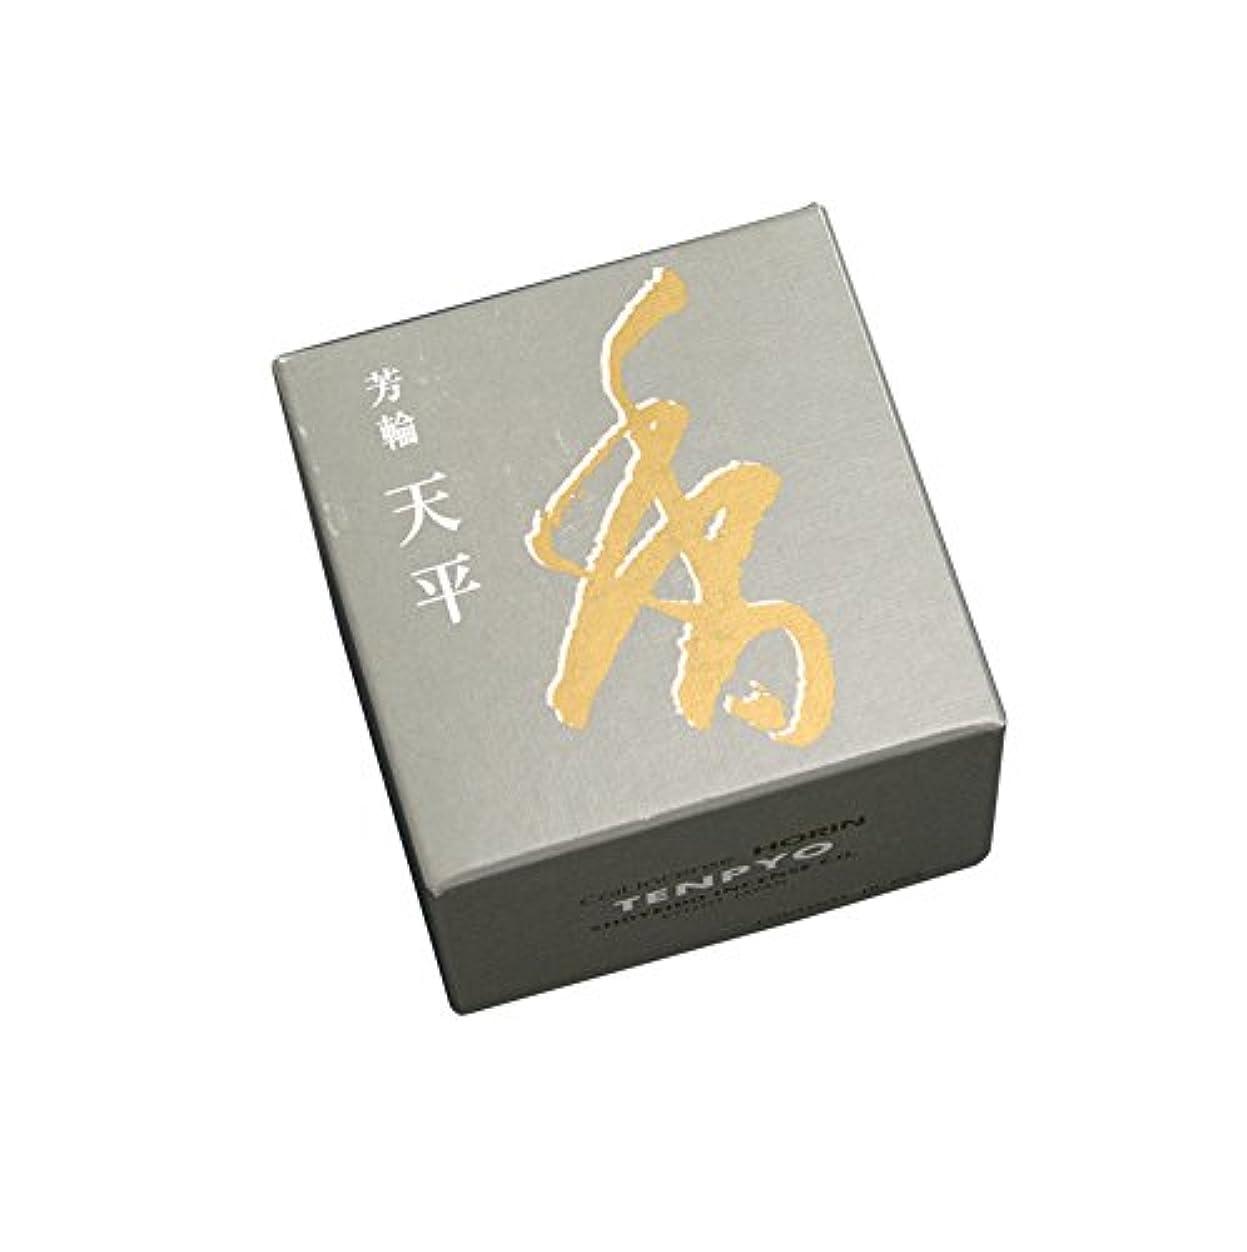 解釈パーティー変わる松栄堂のお香 芳輪天平 渦巻型10枚入 うてな角型付 #210521